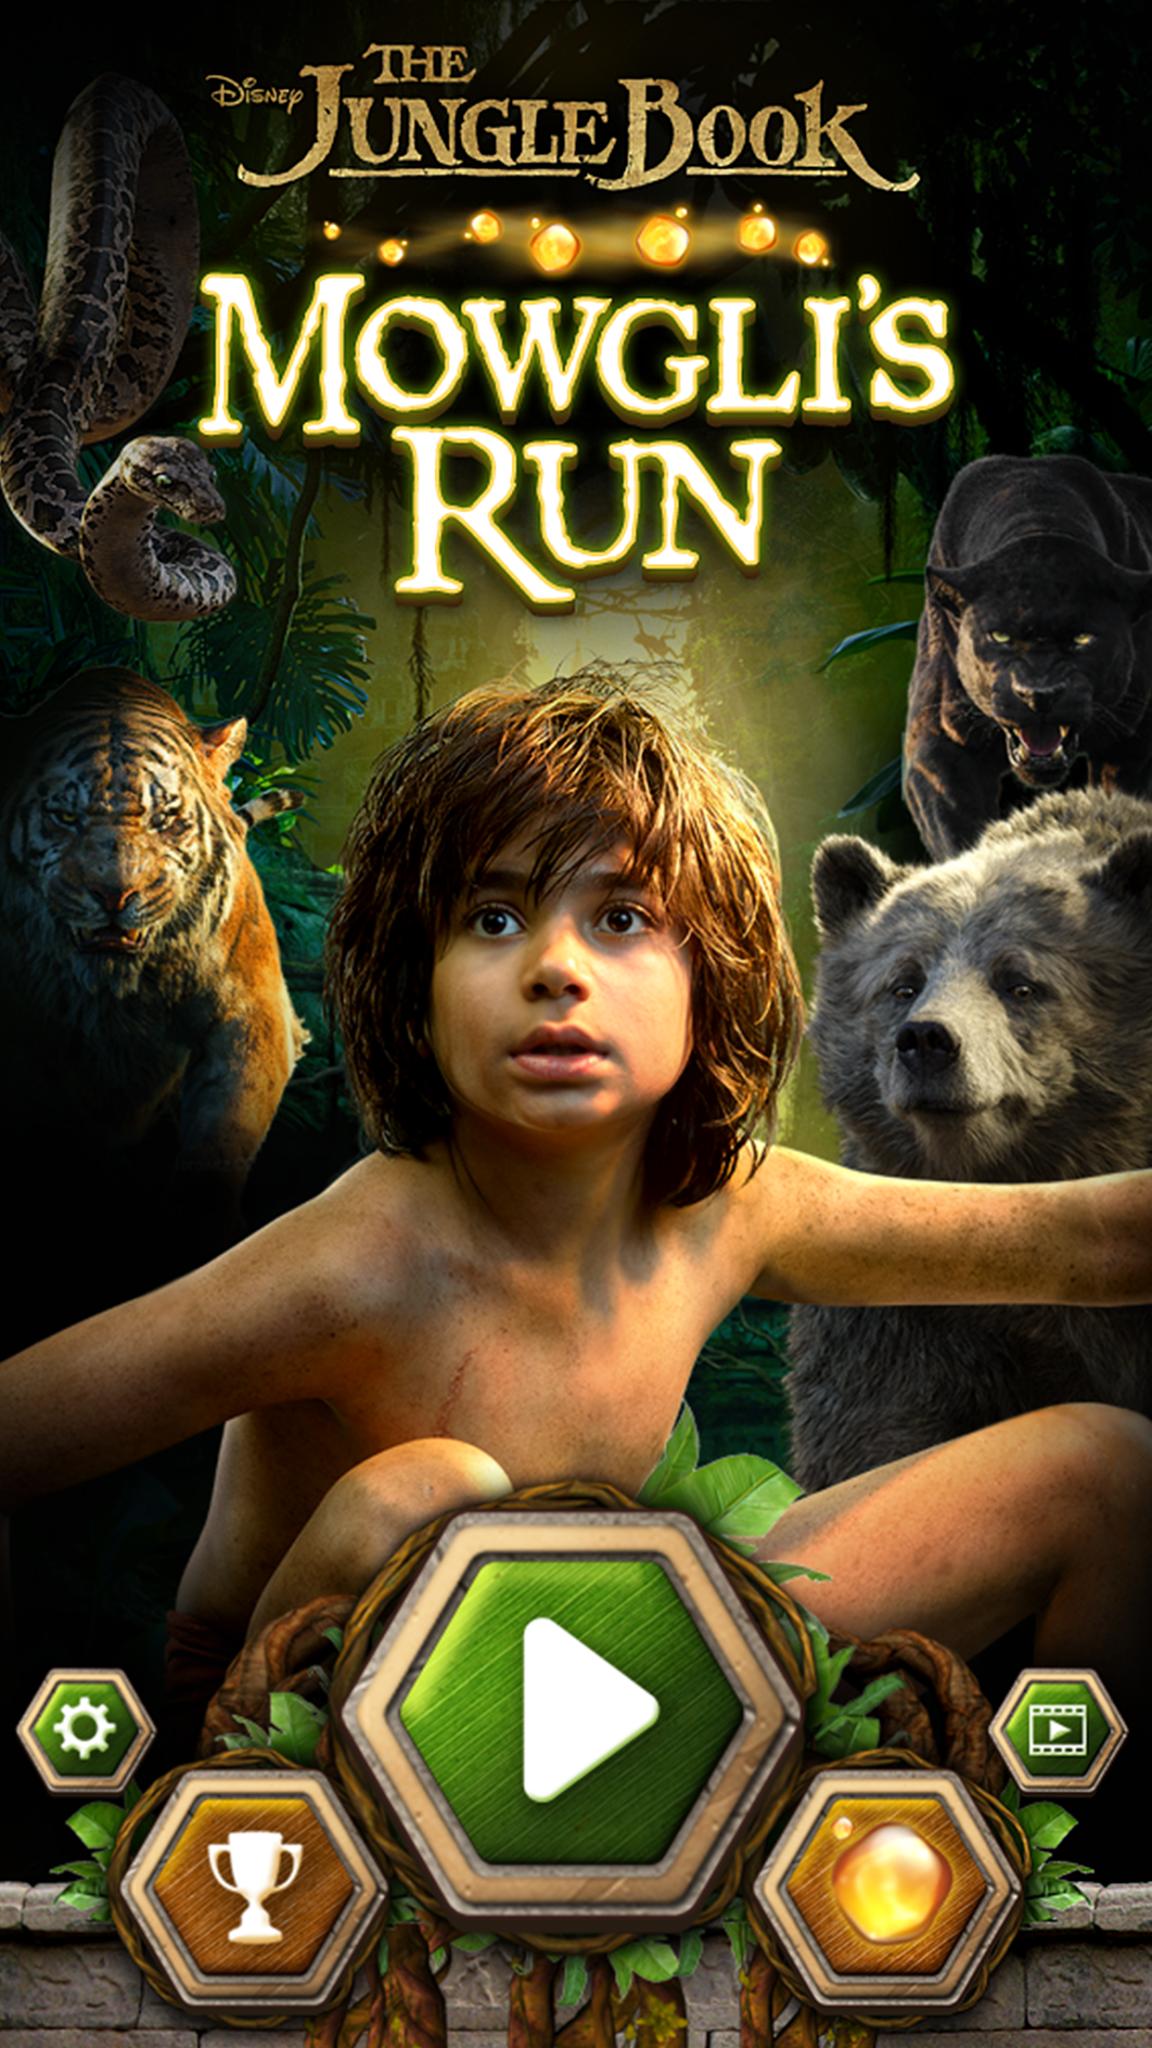 The Jungle Book: Mowgli's Run Comes to Mobile Devices